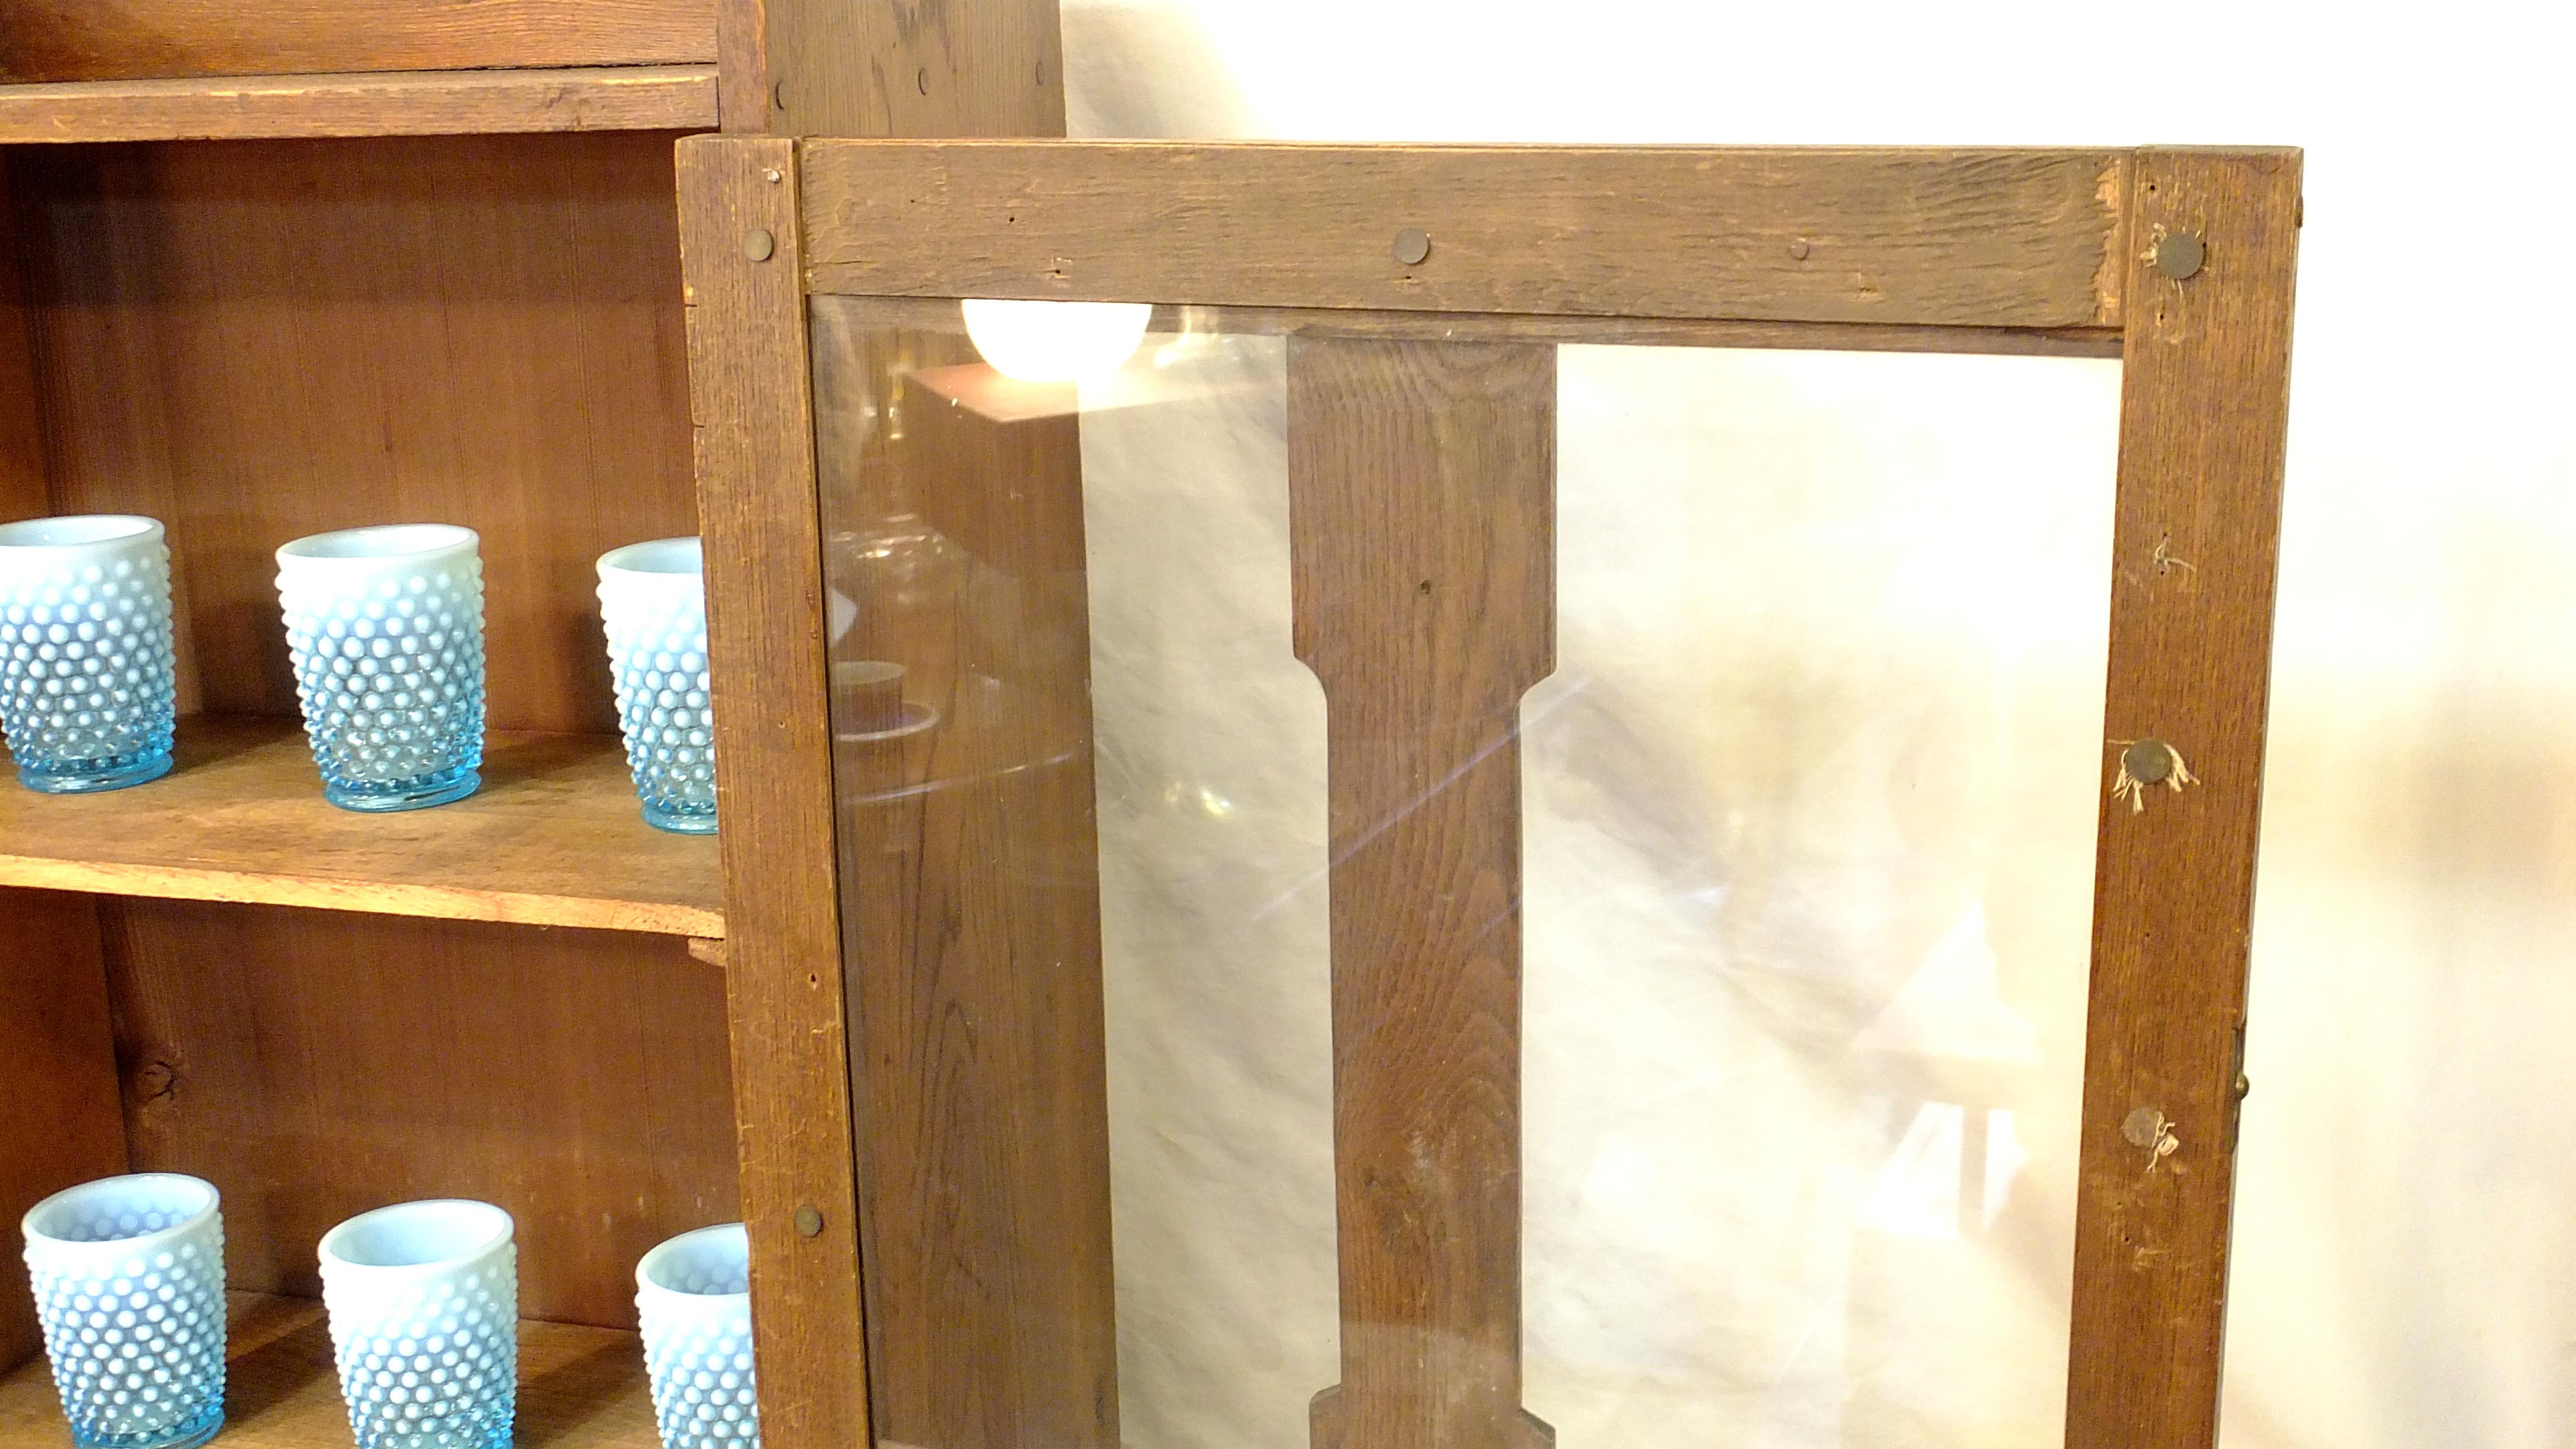 JAPAN VINTAGE GLASS CABINET RETRO STYLE / レトロ ガラスキャビネット シェルフ アンティークスタイル